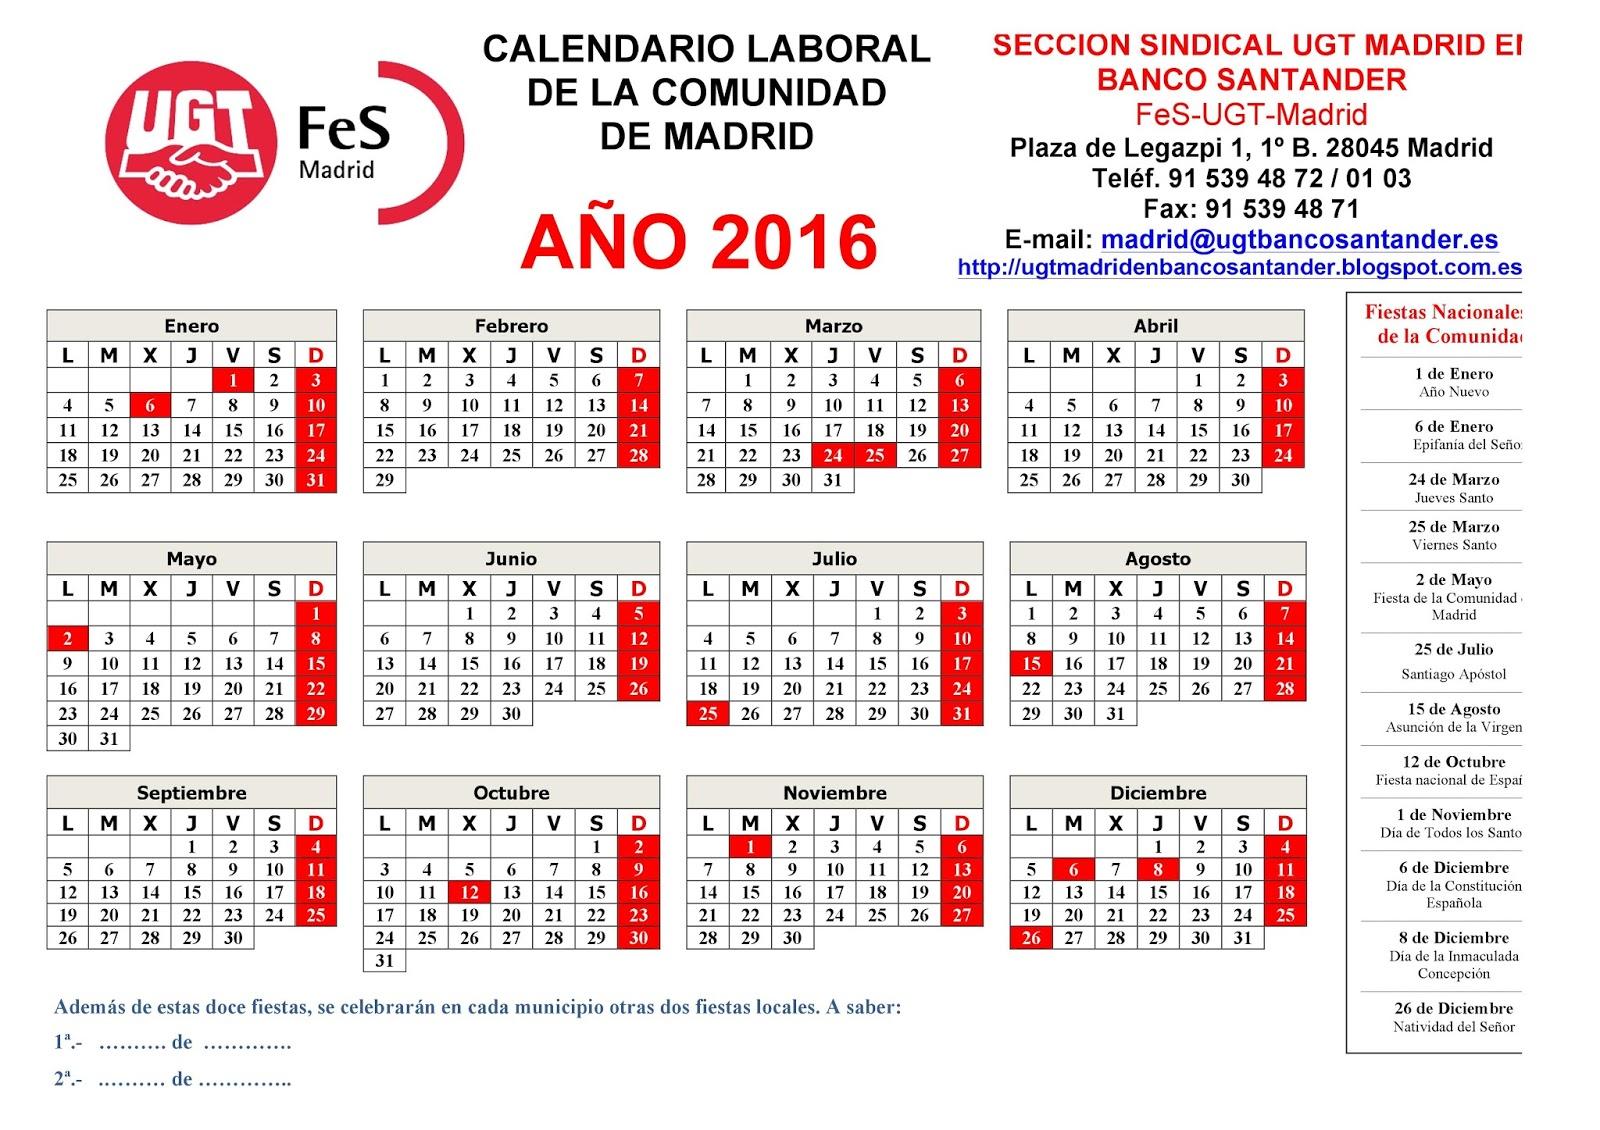 ... en Banco Santander: Calendario Laboral 2016 y Festivos en Madrid